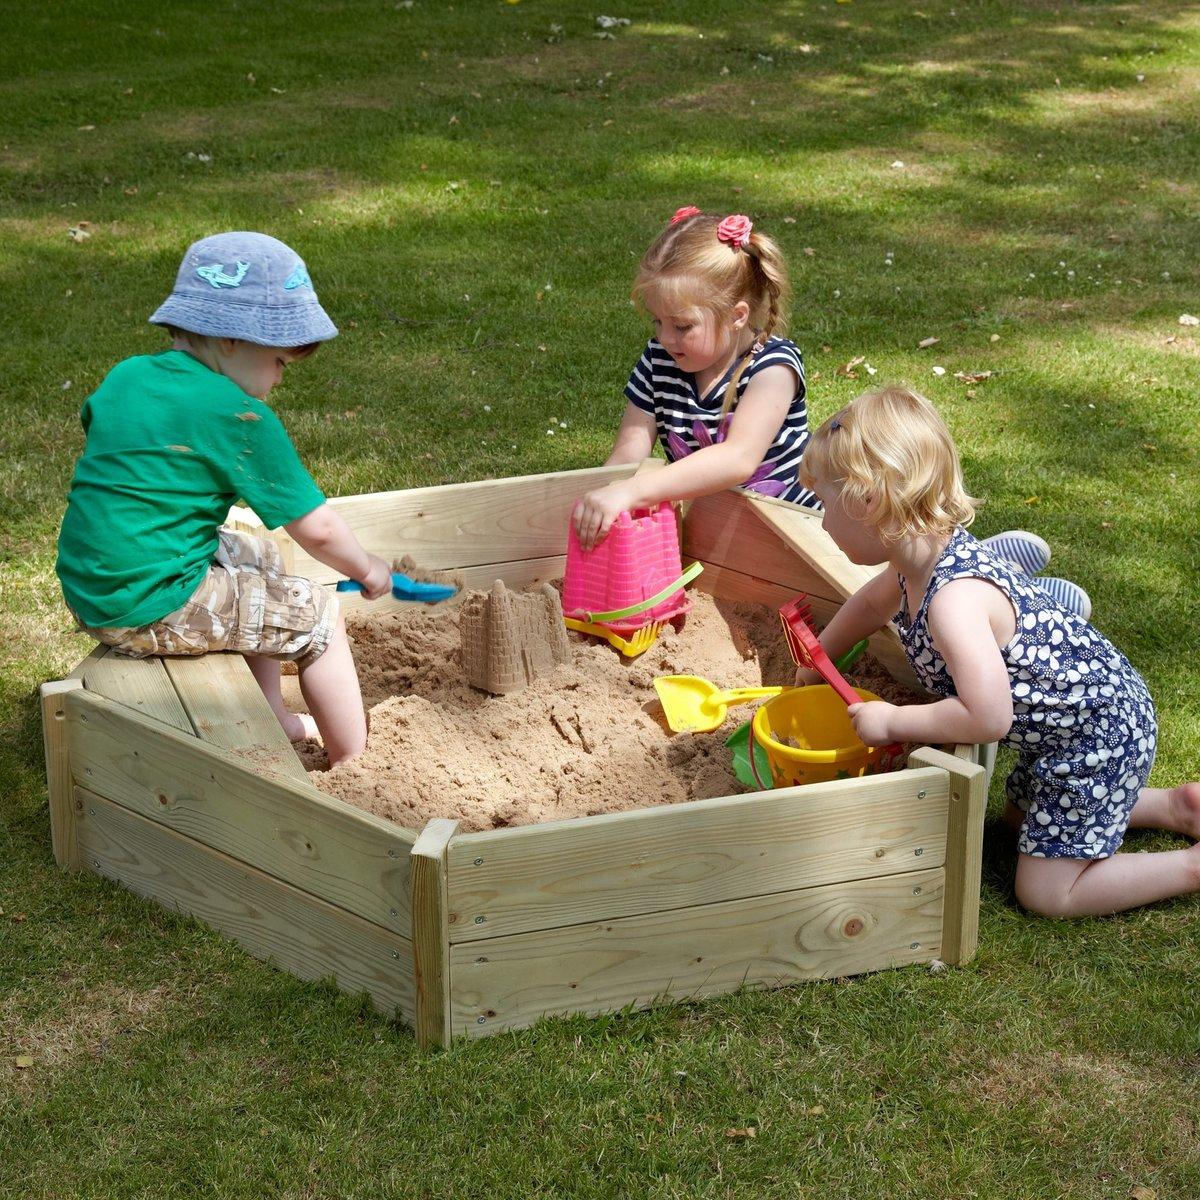 Картинки песочницы с детьми